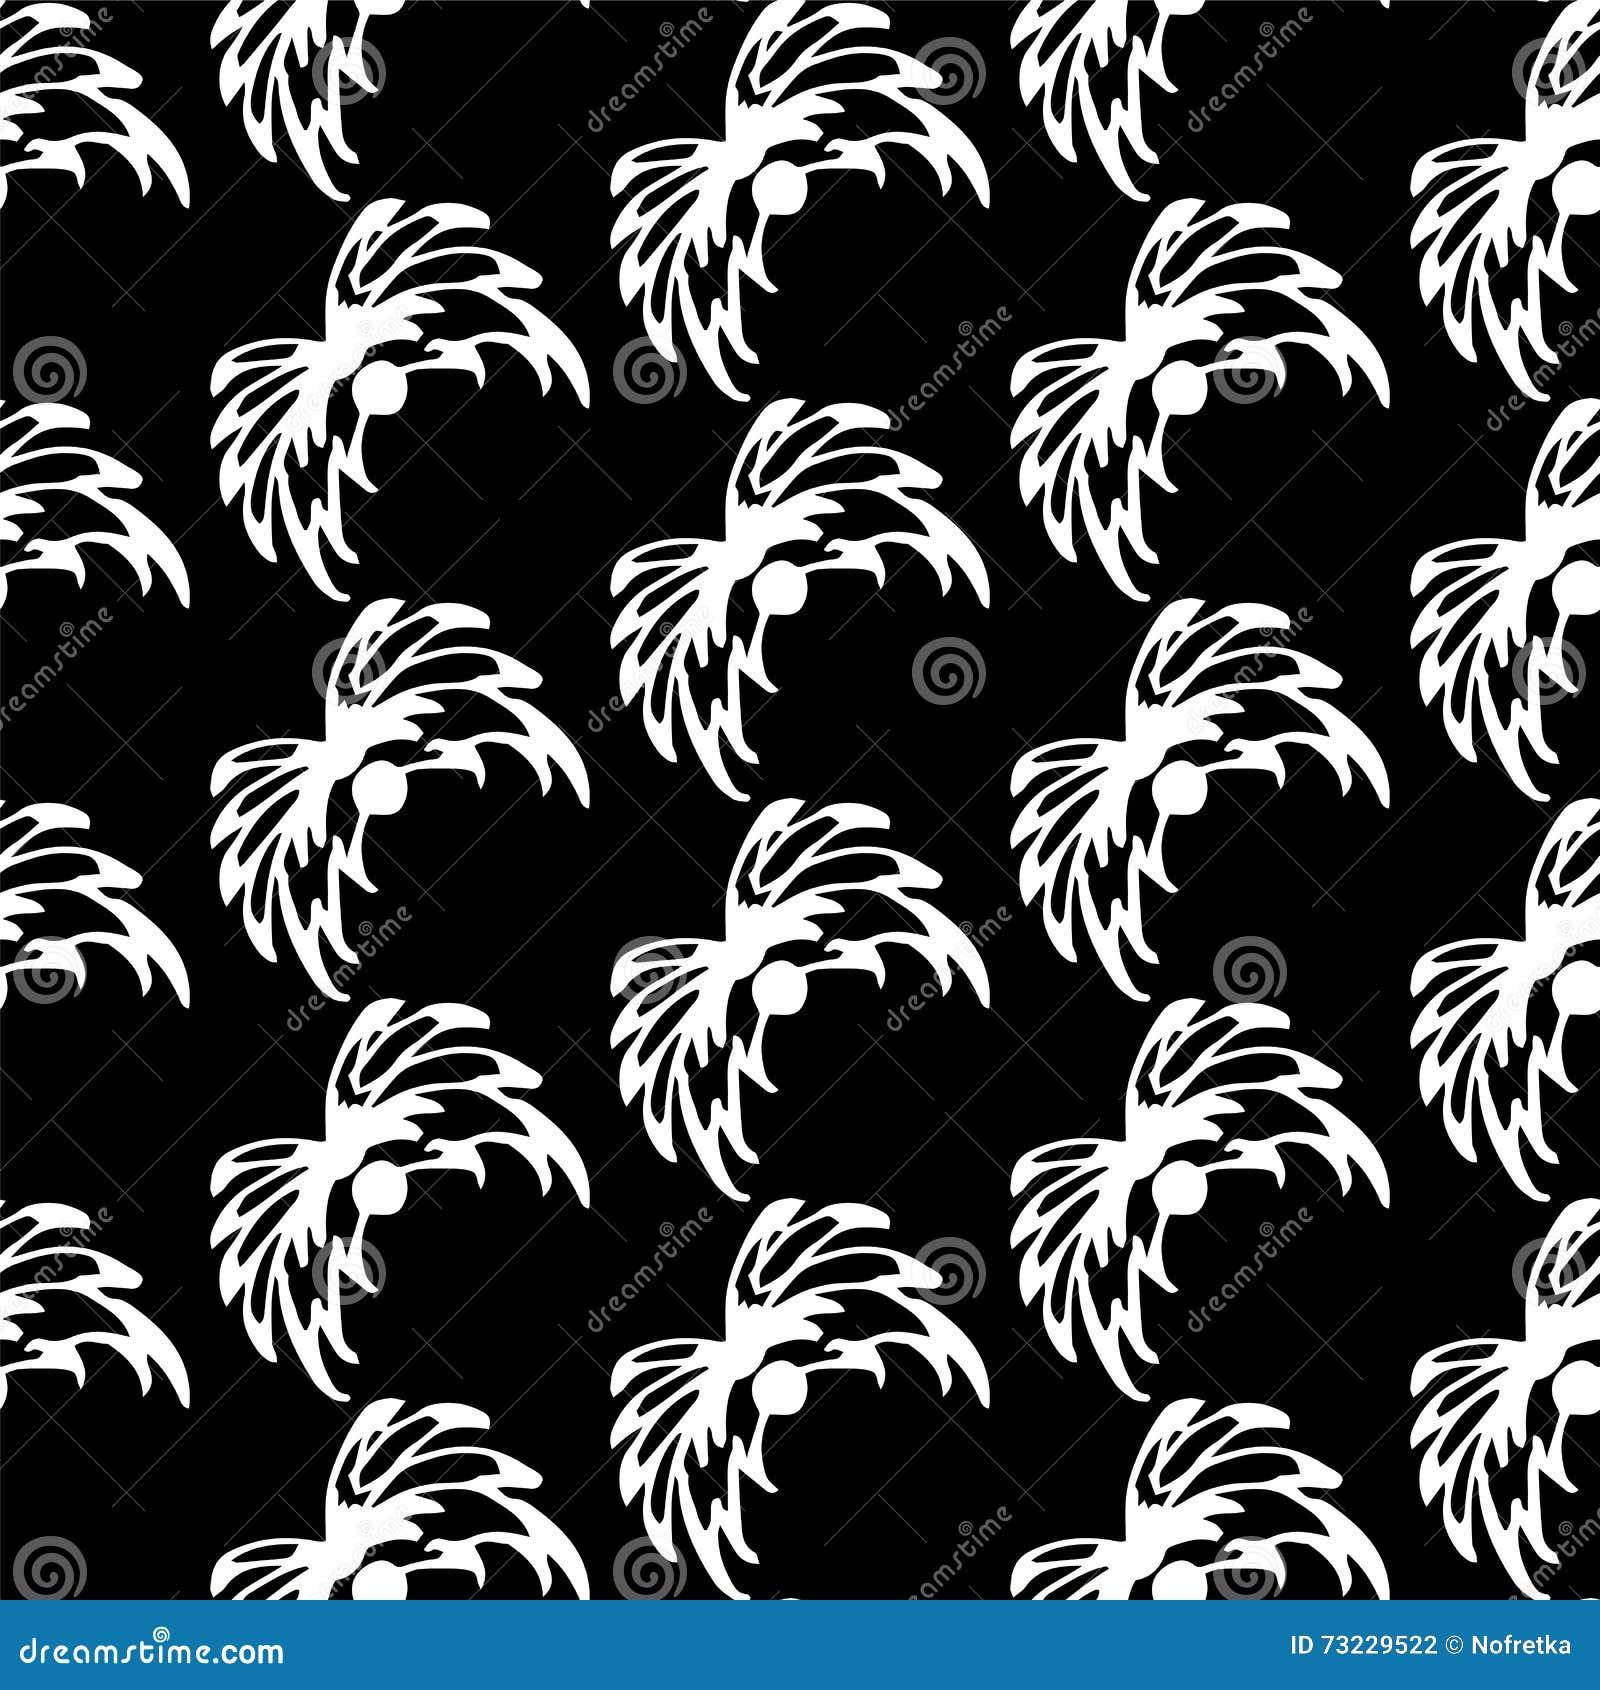 nahtloses abstraktes weies blumenmuster auf schwarzem hintergrund exklusive dekoration passend fr gewebe gewebe und verpackung - Exklusive Dekoration